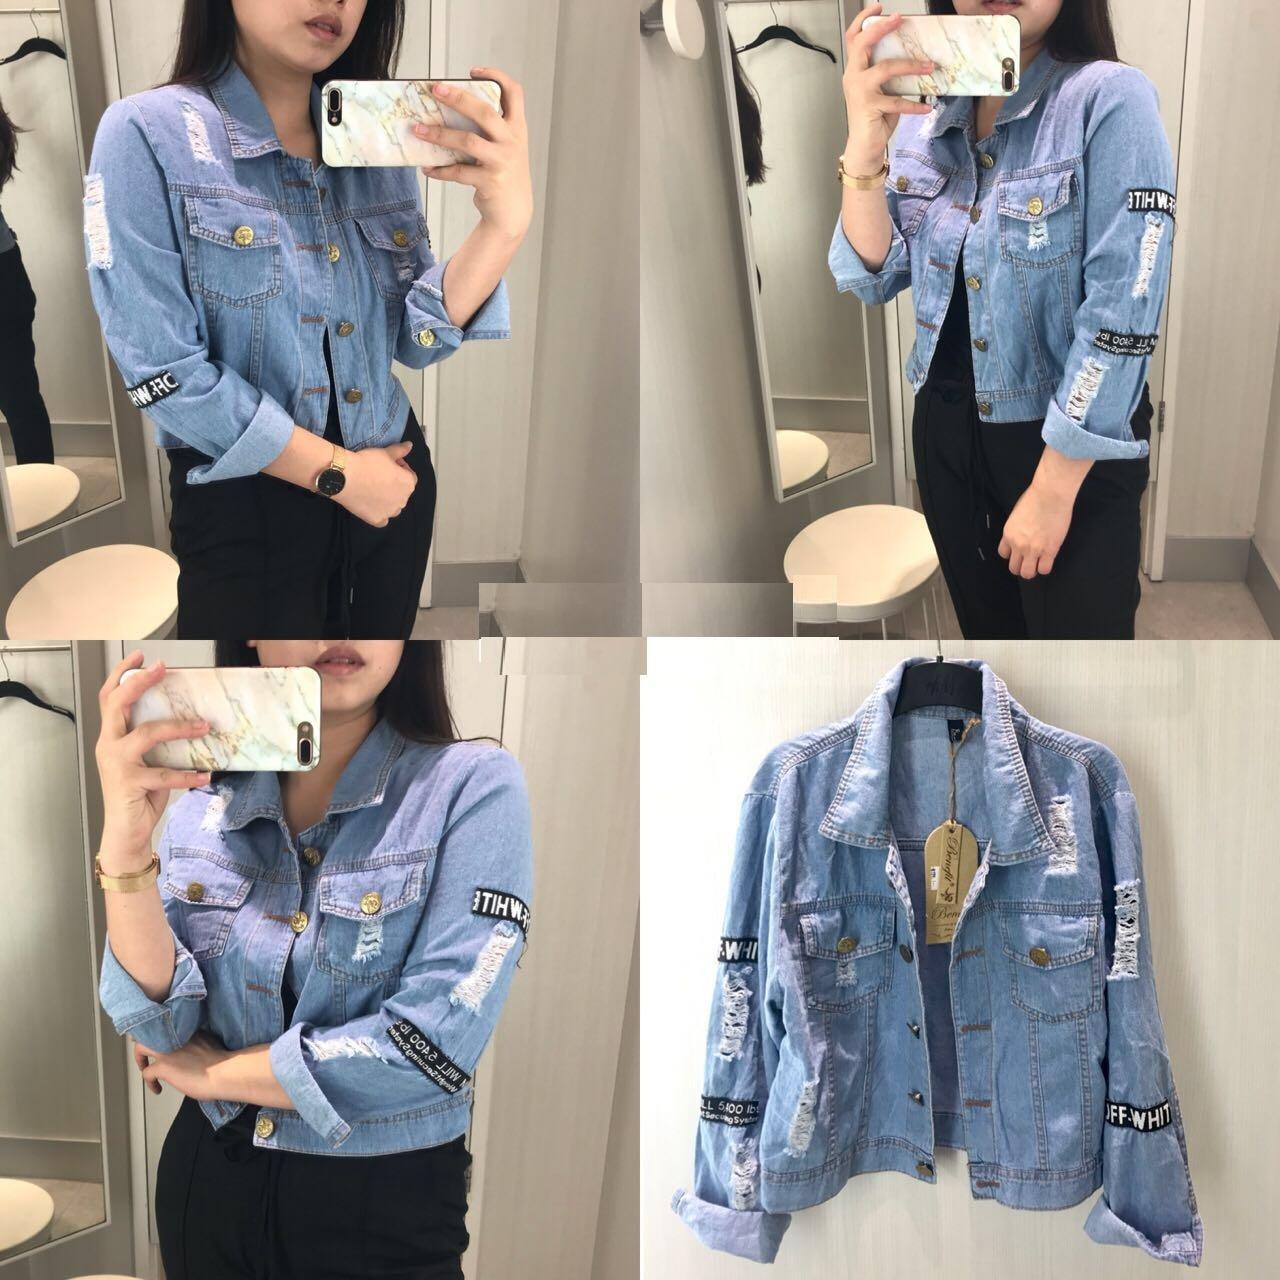 Kyoko Fashion Jaket Jeans Station   Jaket Wanita   Jaket Denim   Jaket Cewek 9e1c2c5767